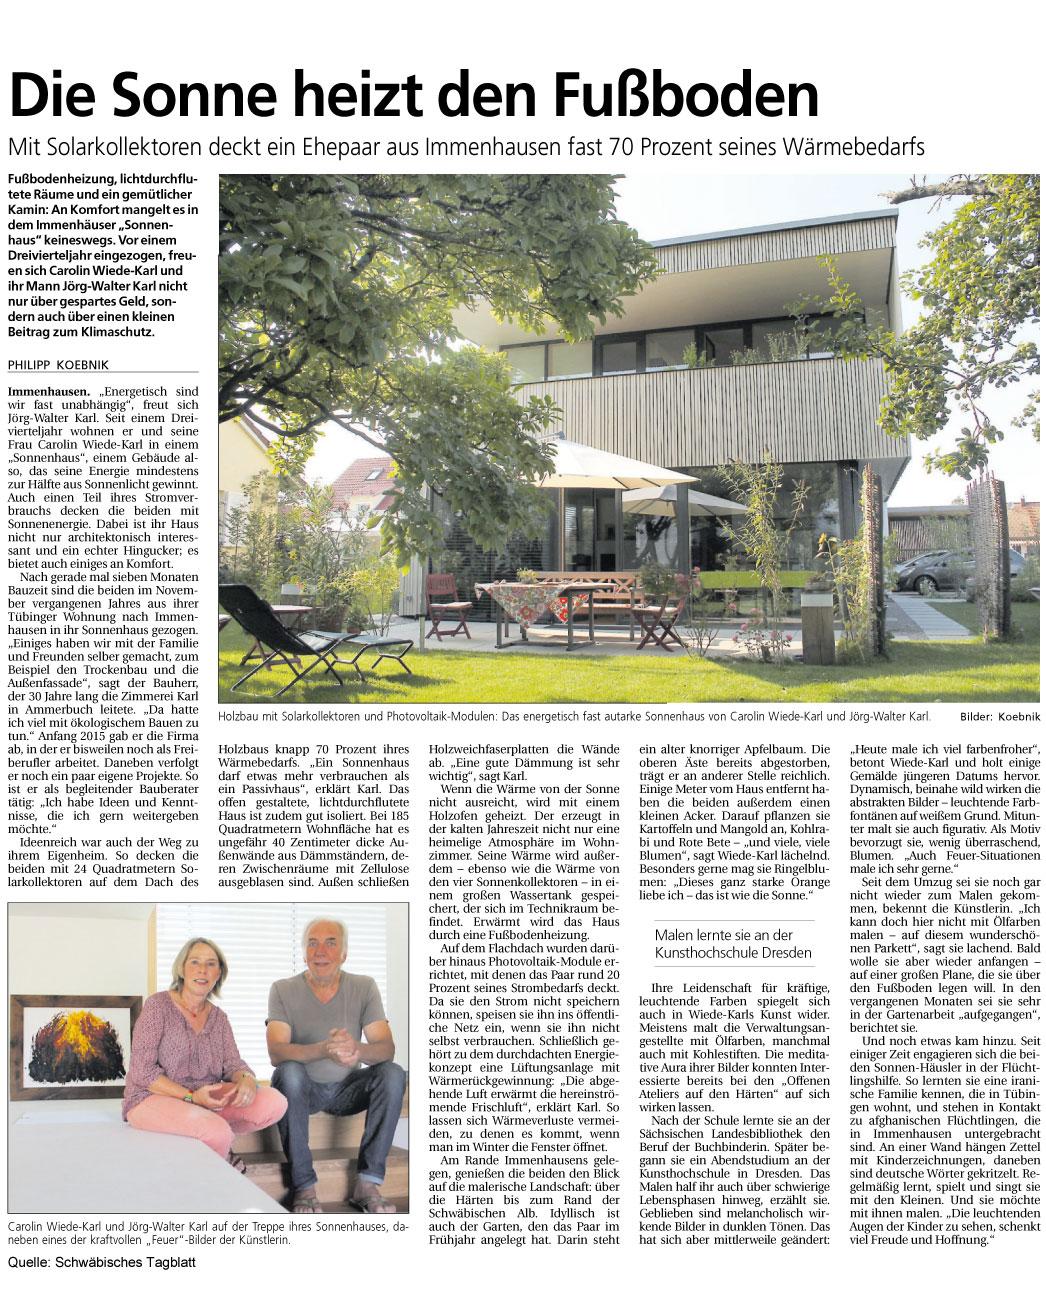 immenhausen_17-08-16